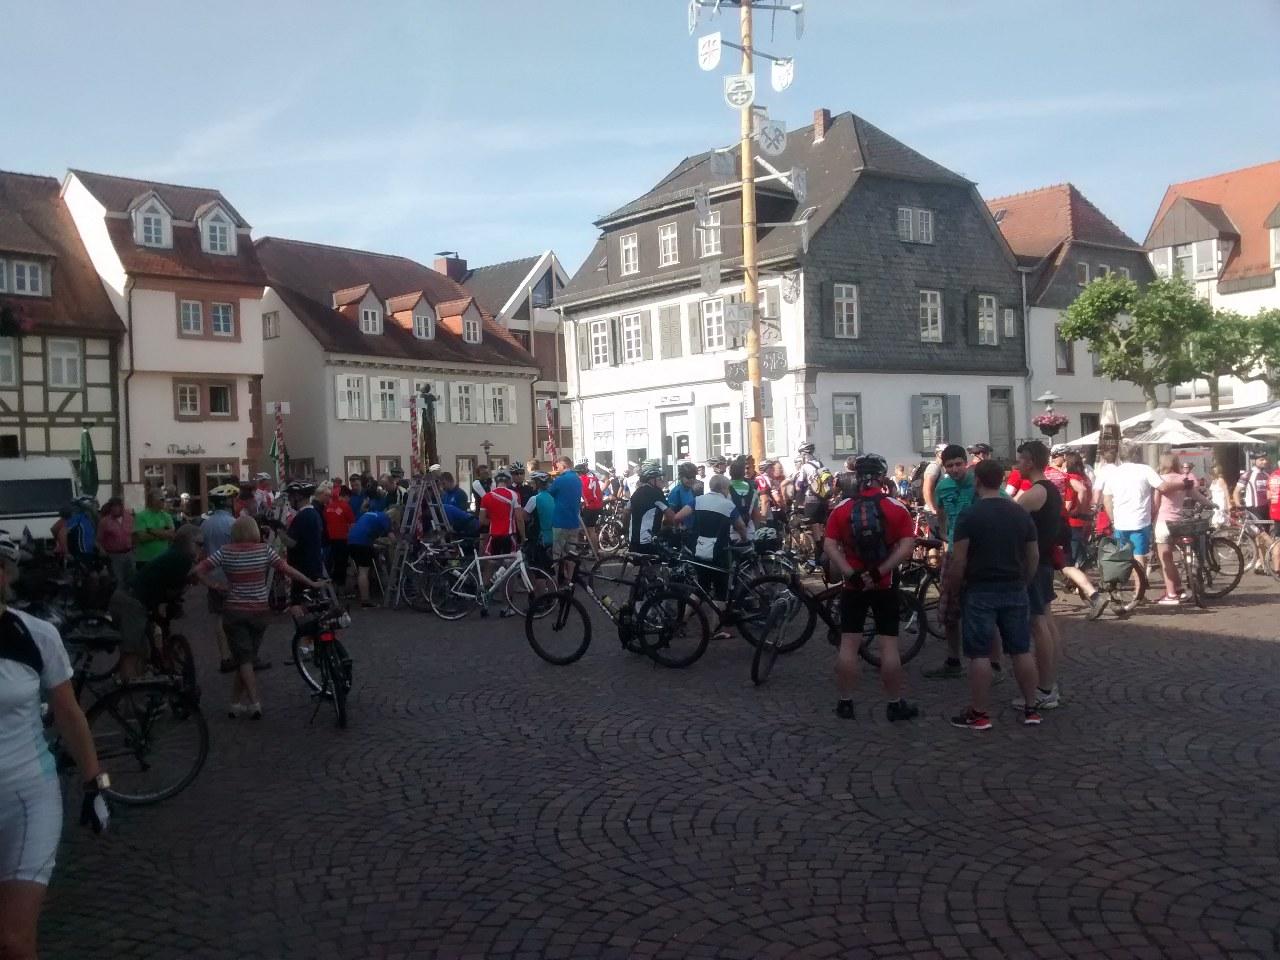 Hoffnungstour: Treffen auf dem Marktplatz in Dieburg